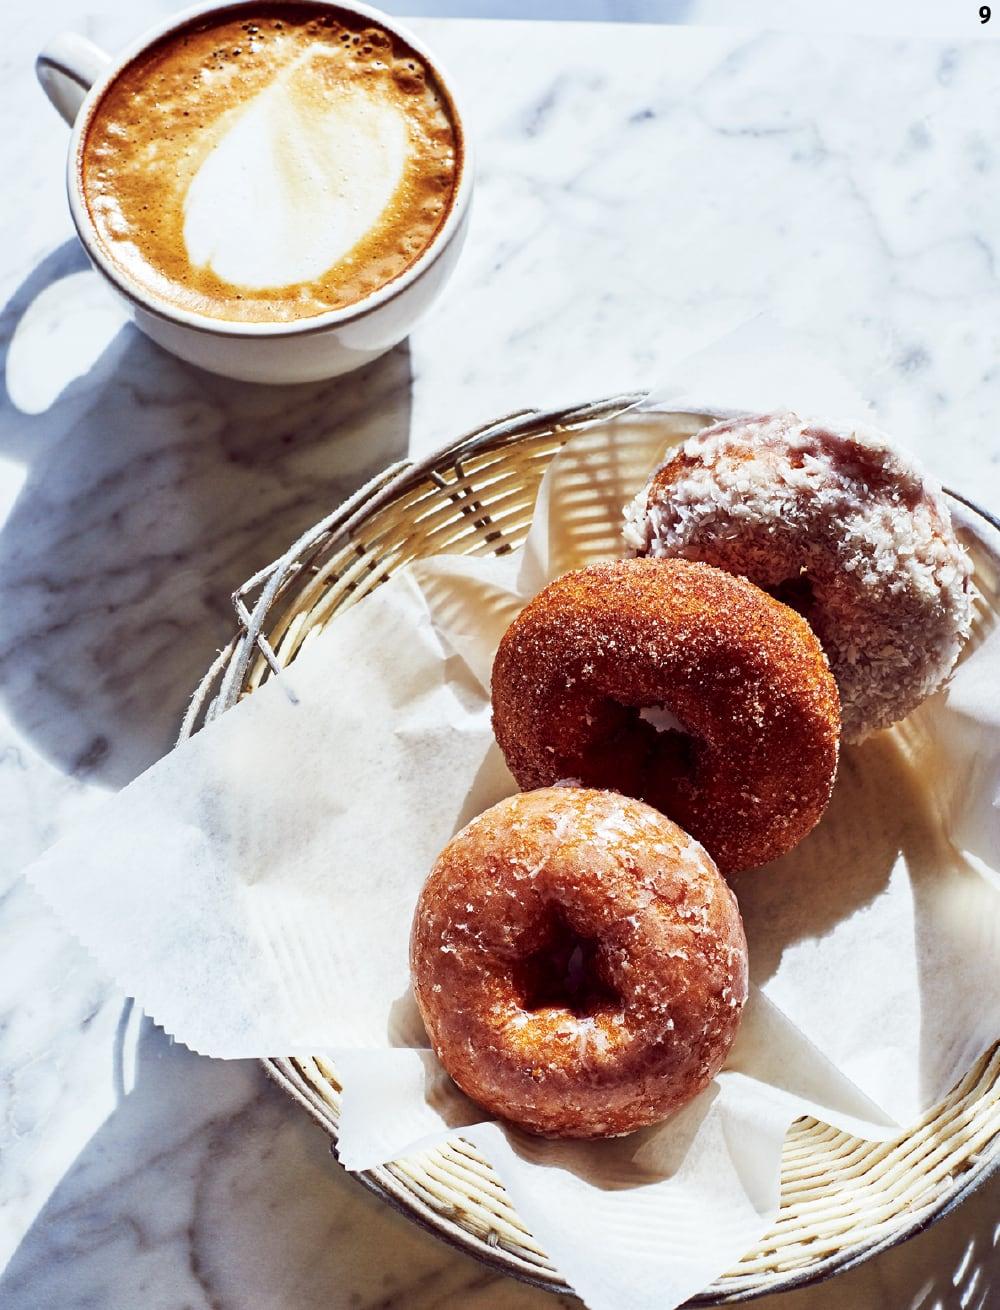 9 스캐니아틀라스 베이커리의 카푸치노와 도넛.